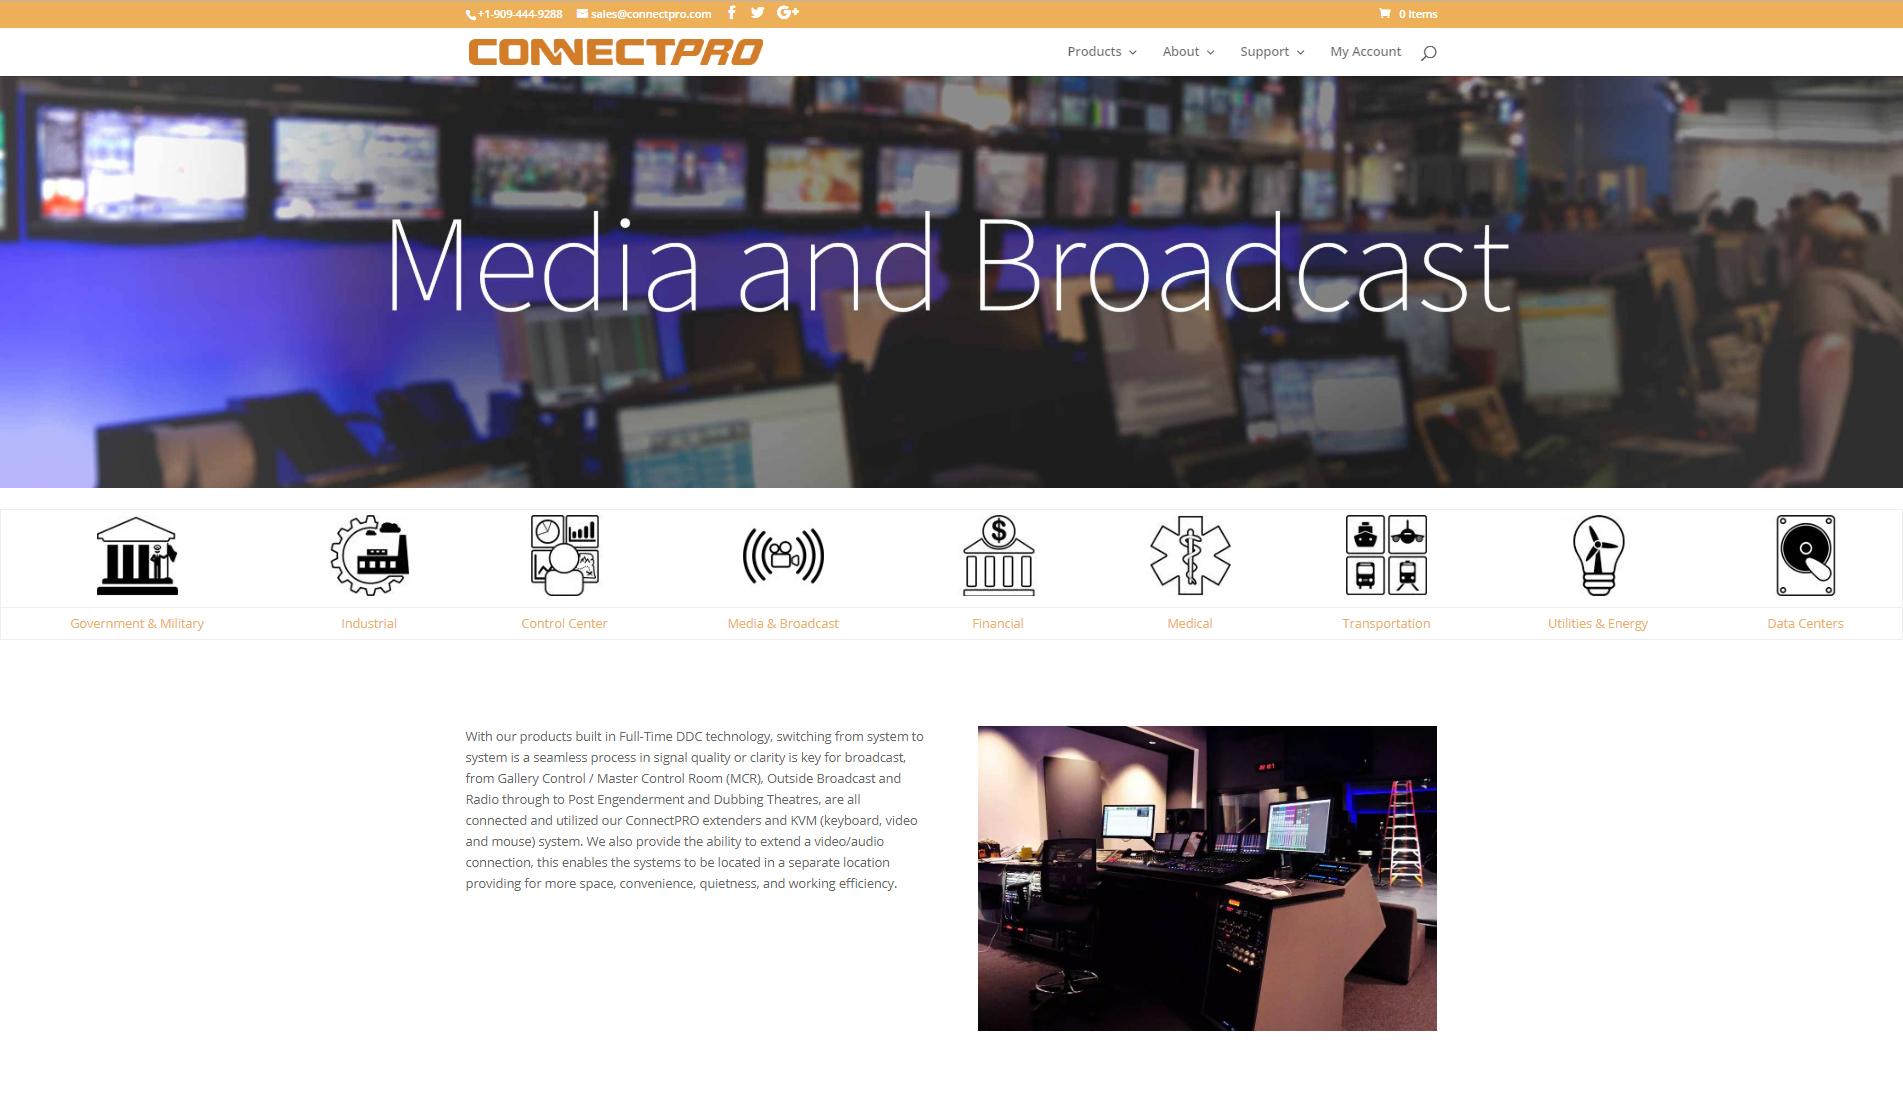 ConnectPRO_Industry_Nav_Bar_Media.jpg